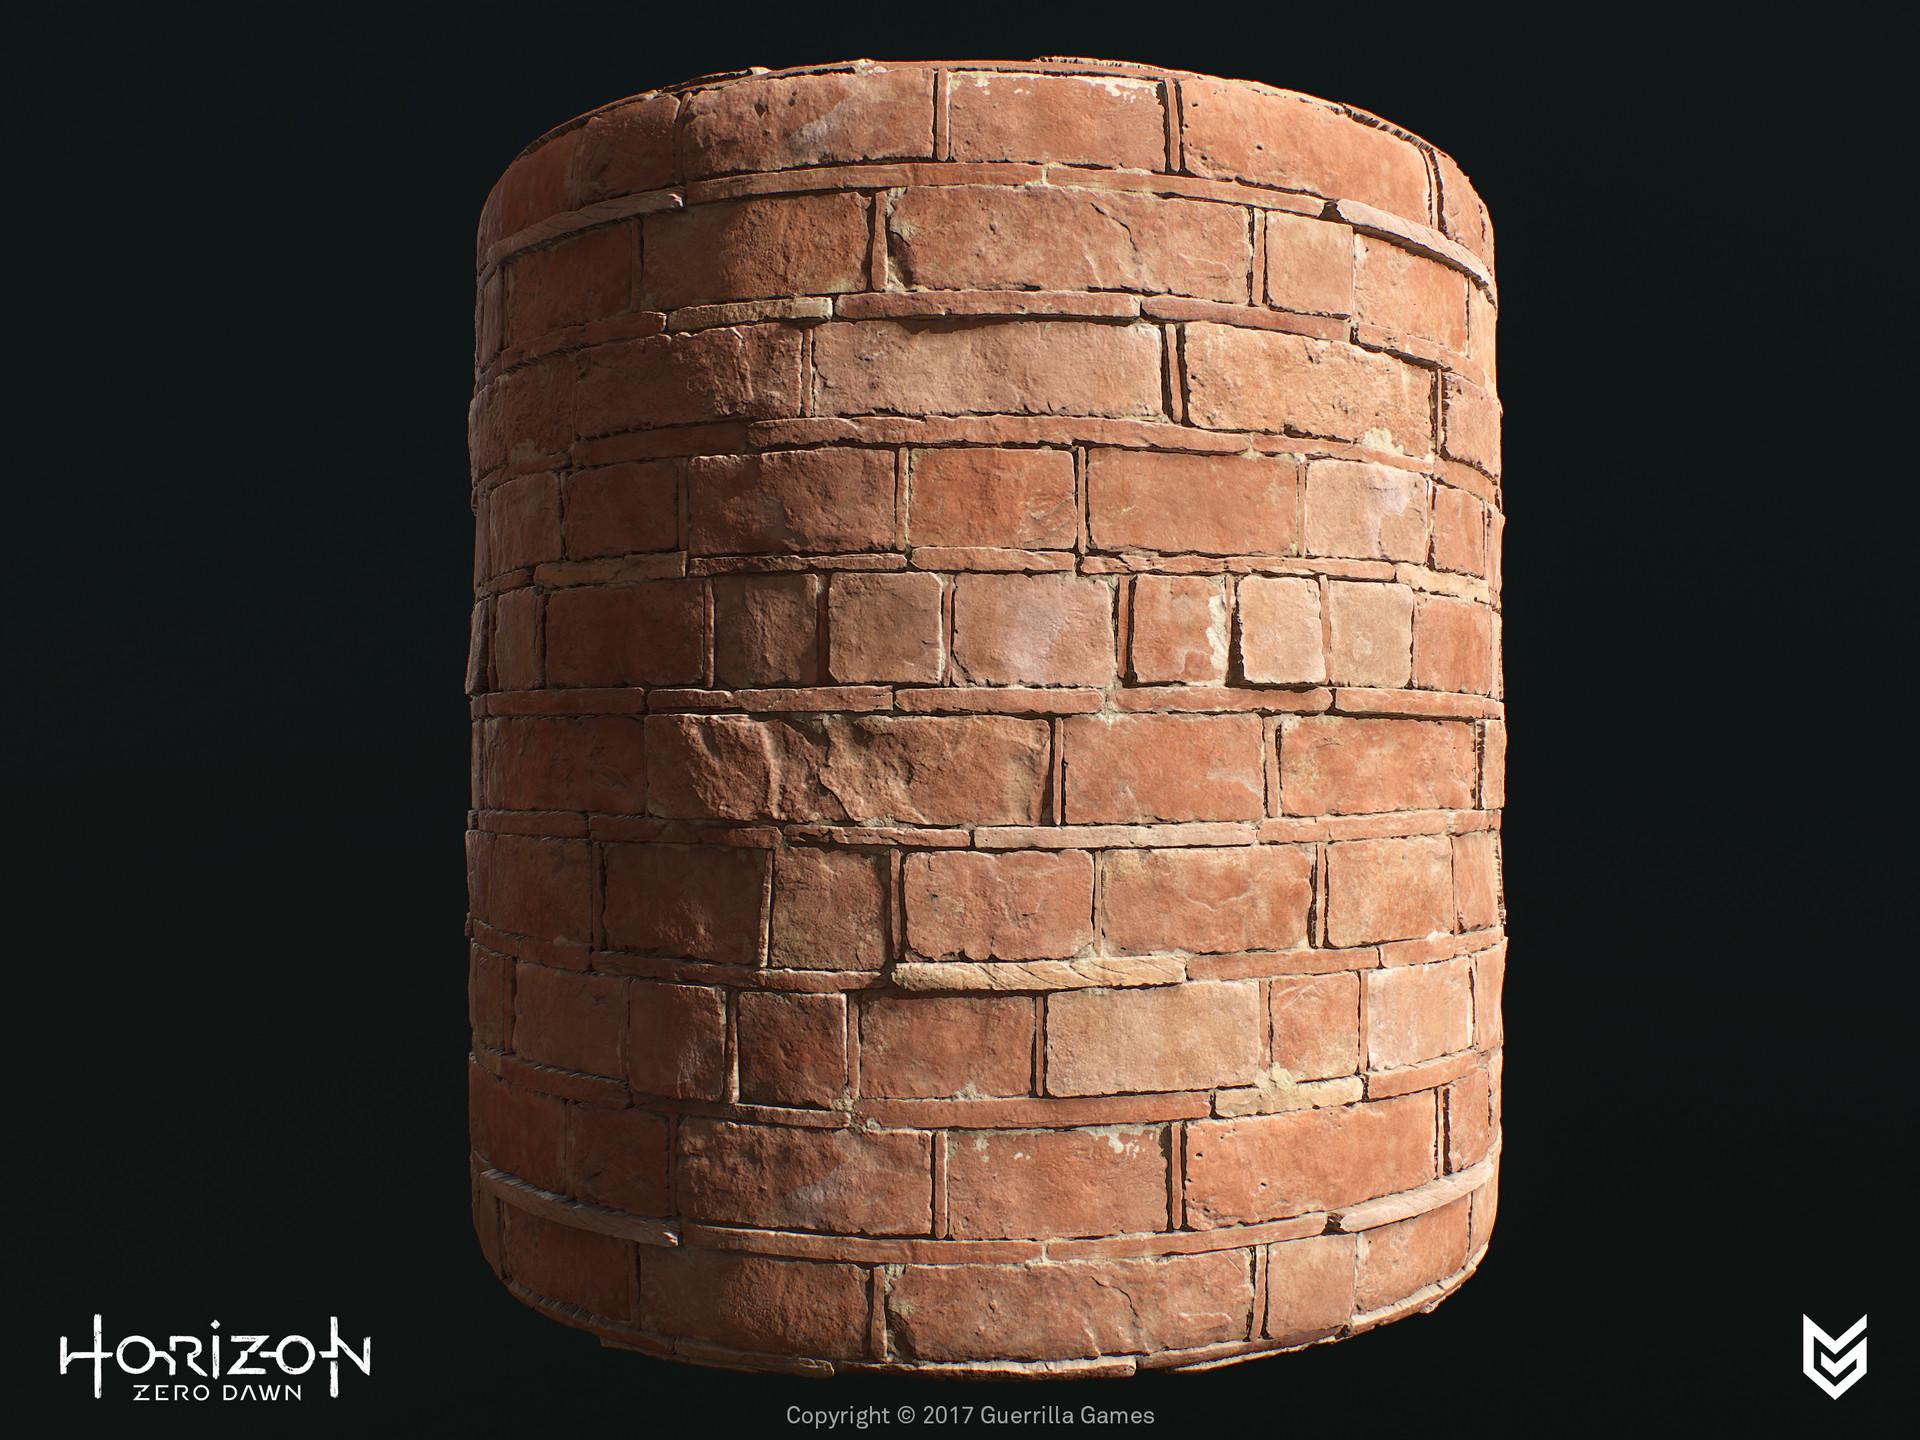 Stefan groenewoud stone brick 06